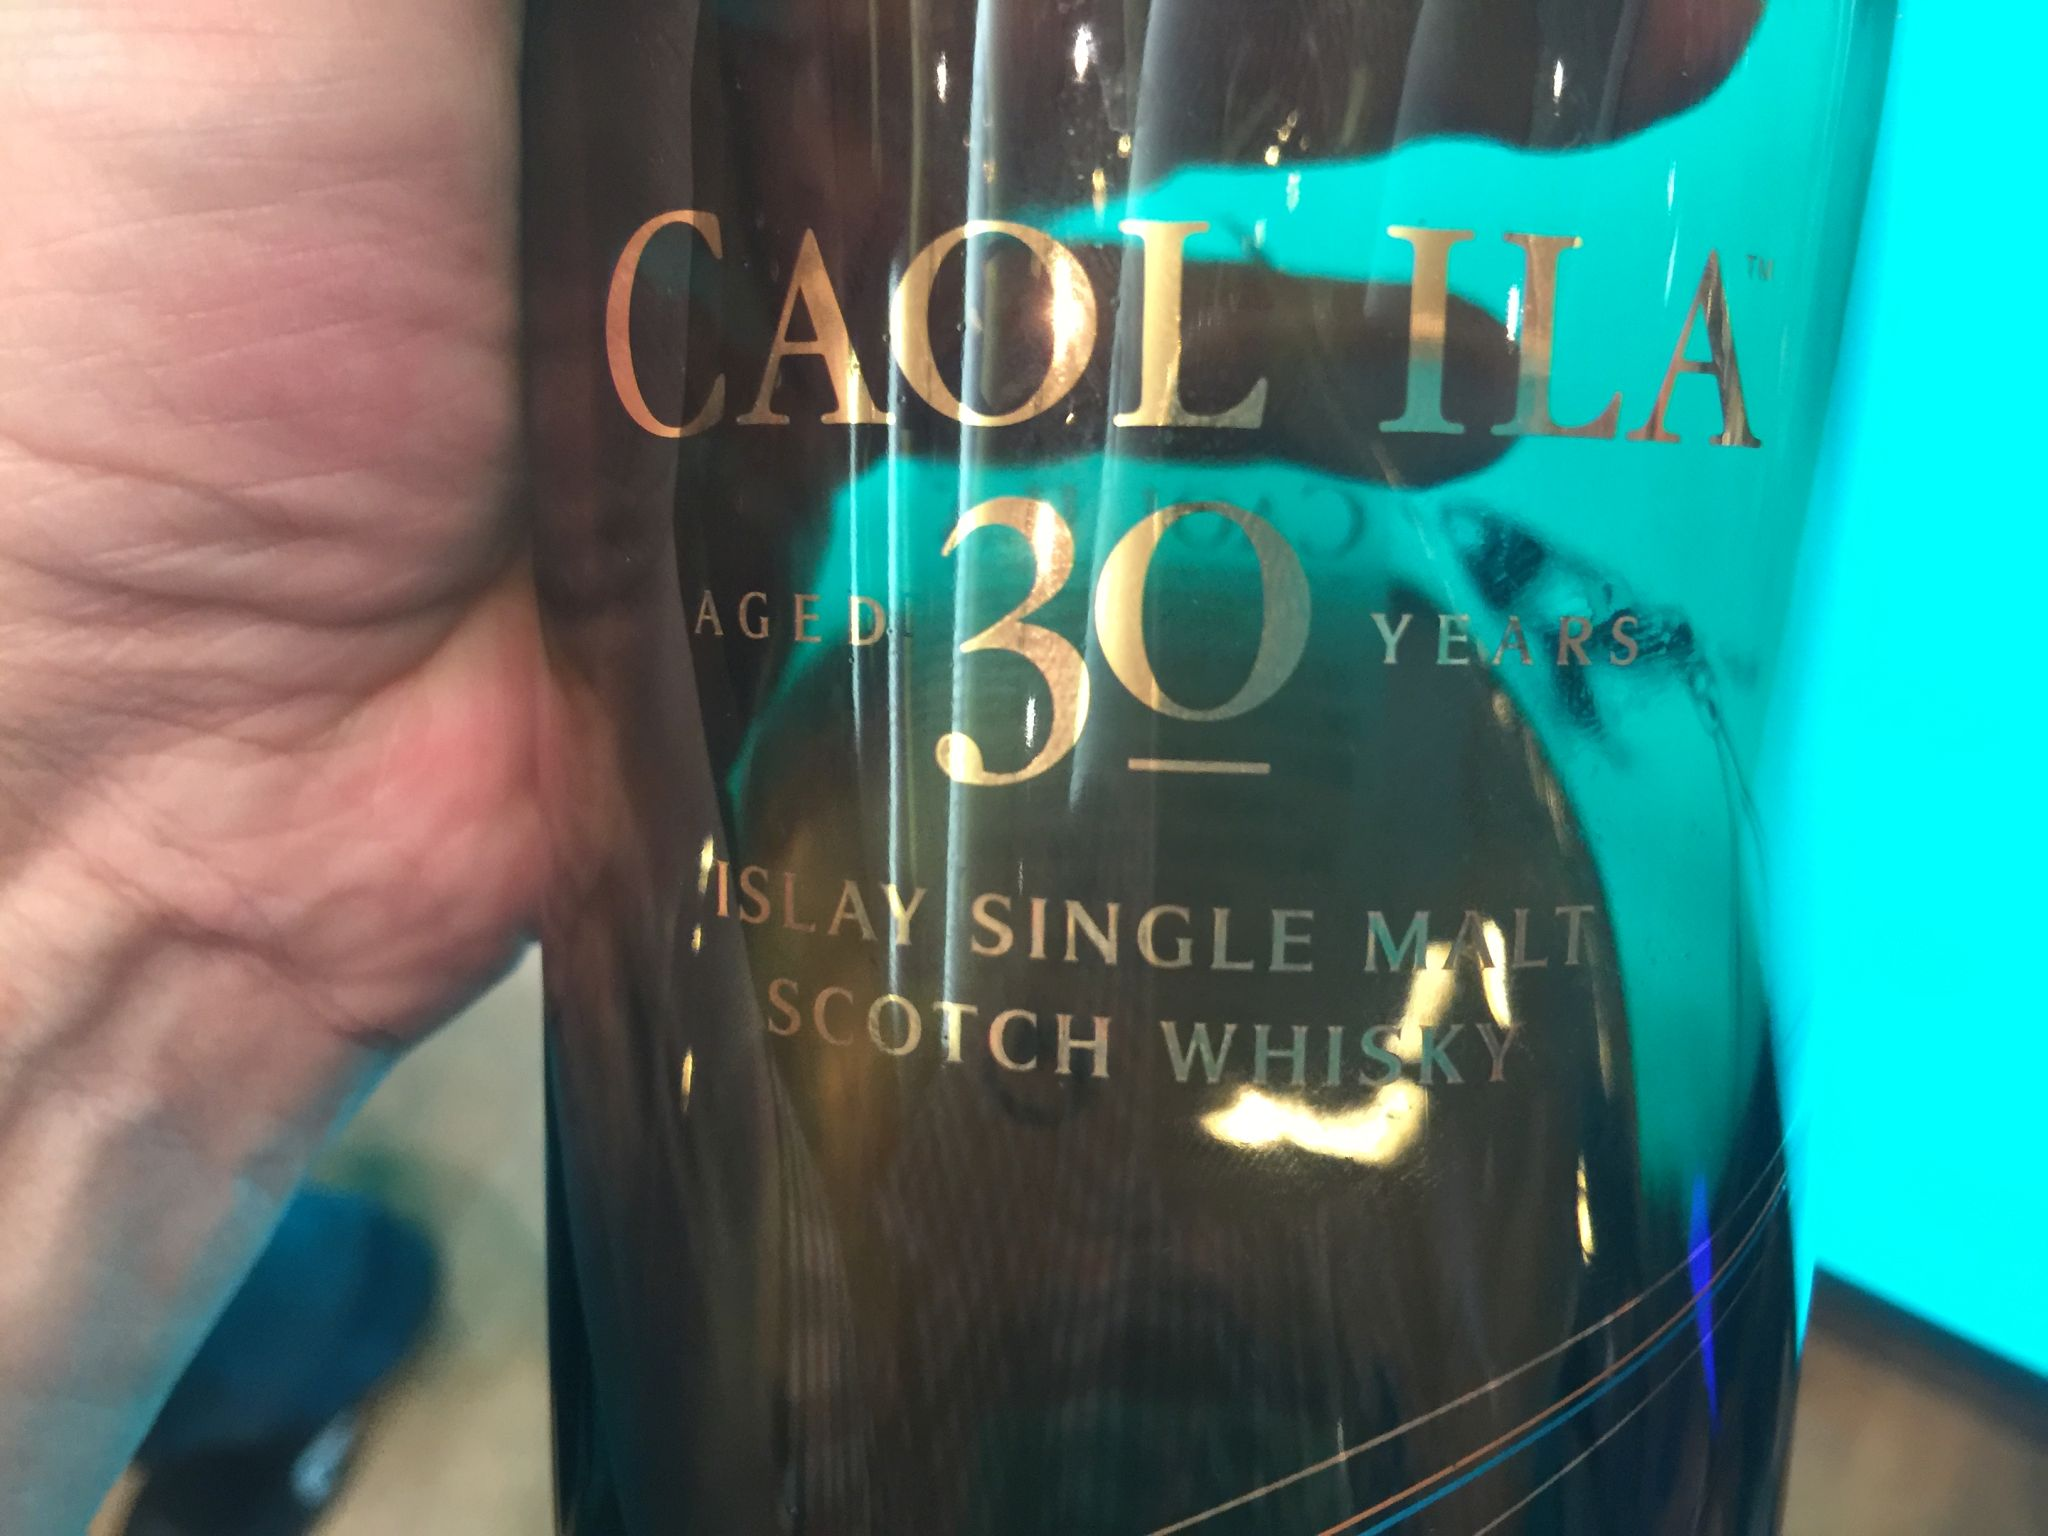 Detailansicht des Caol Ila 30 Jahre